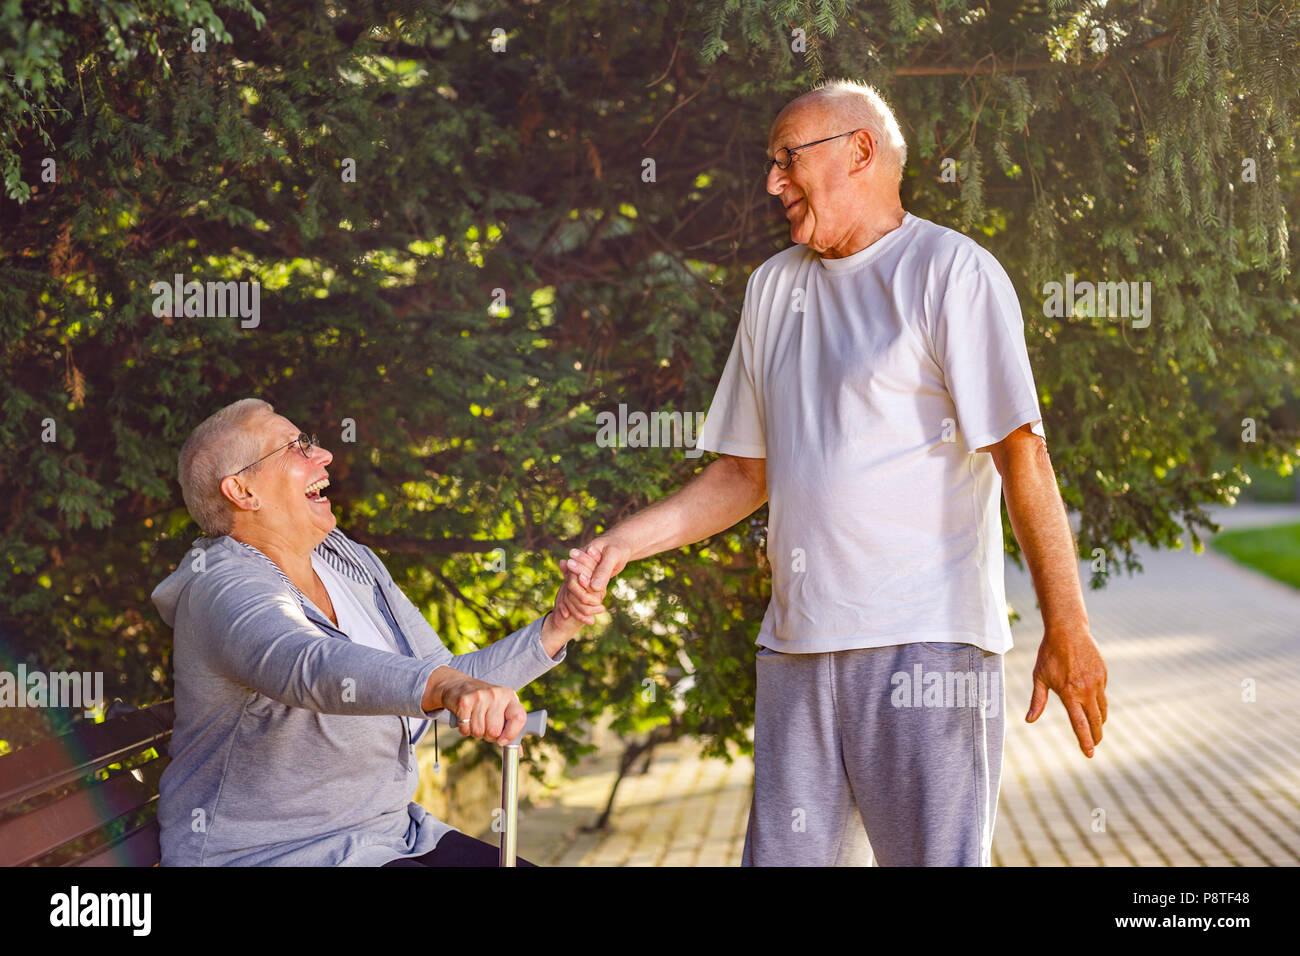 Gli anziani nella park- sorridente uomo vecchio caring moglie nel parco Immagini Stock